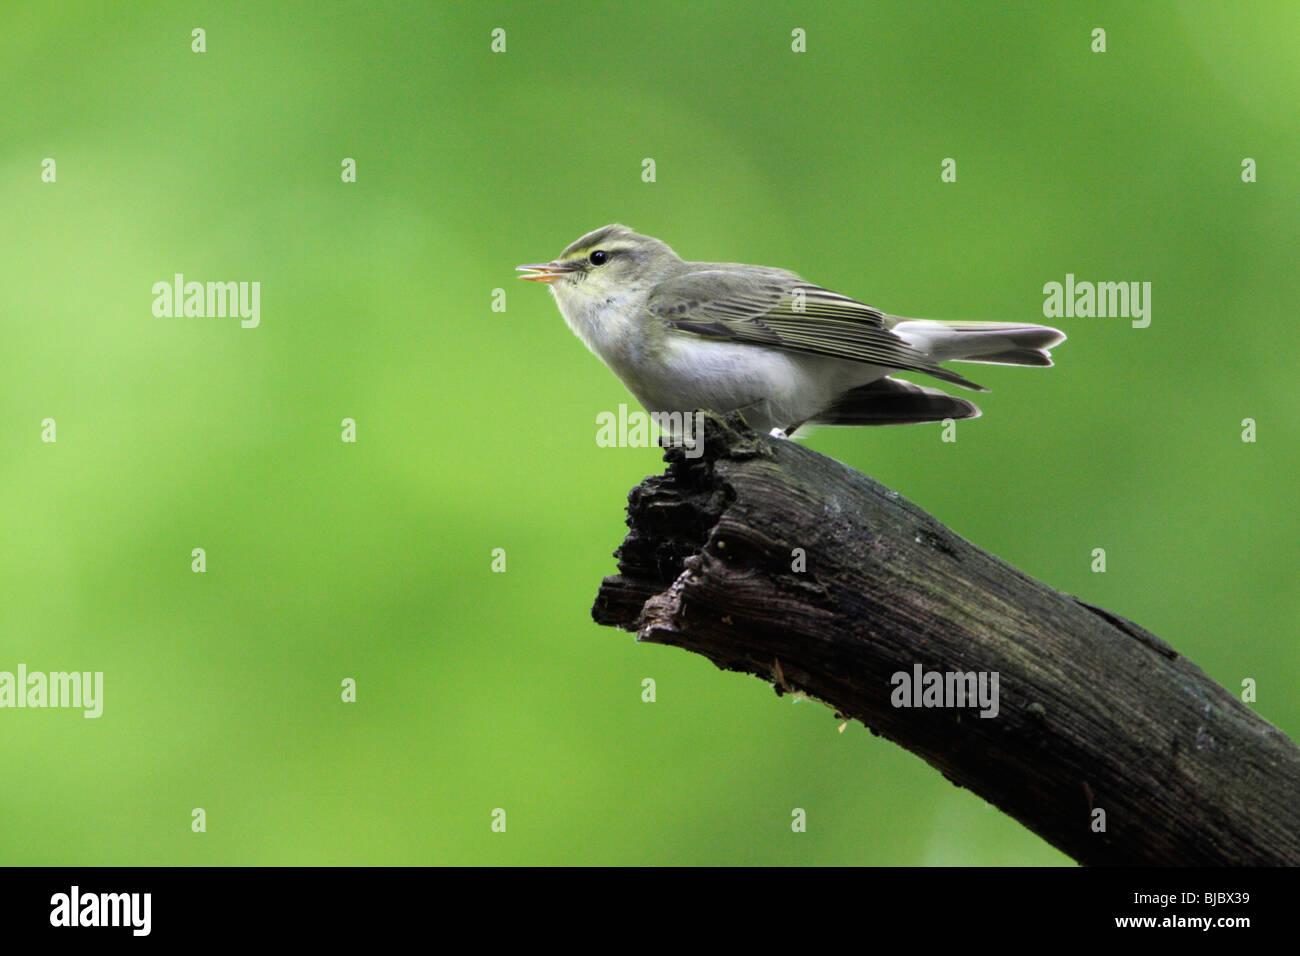 Holz-Laubsänger (Phylloscopus Sibilatrix), singen von Zweig Stockbild